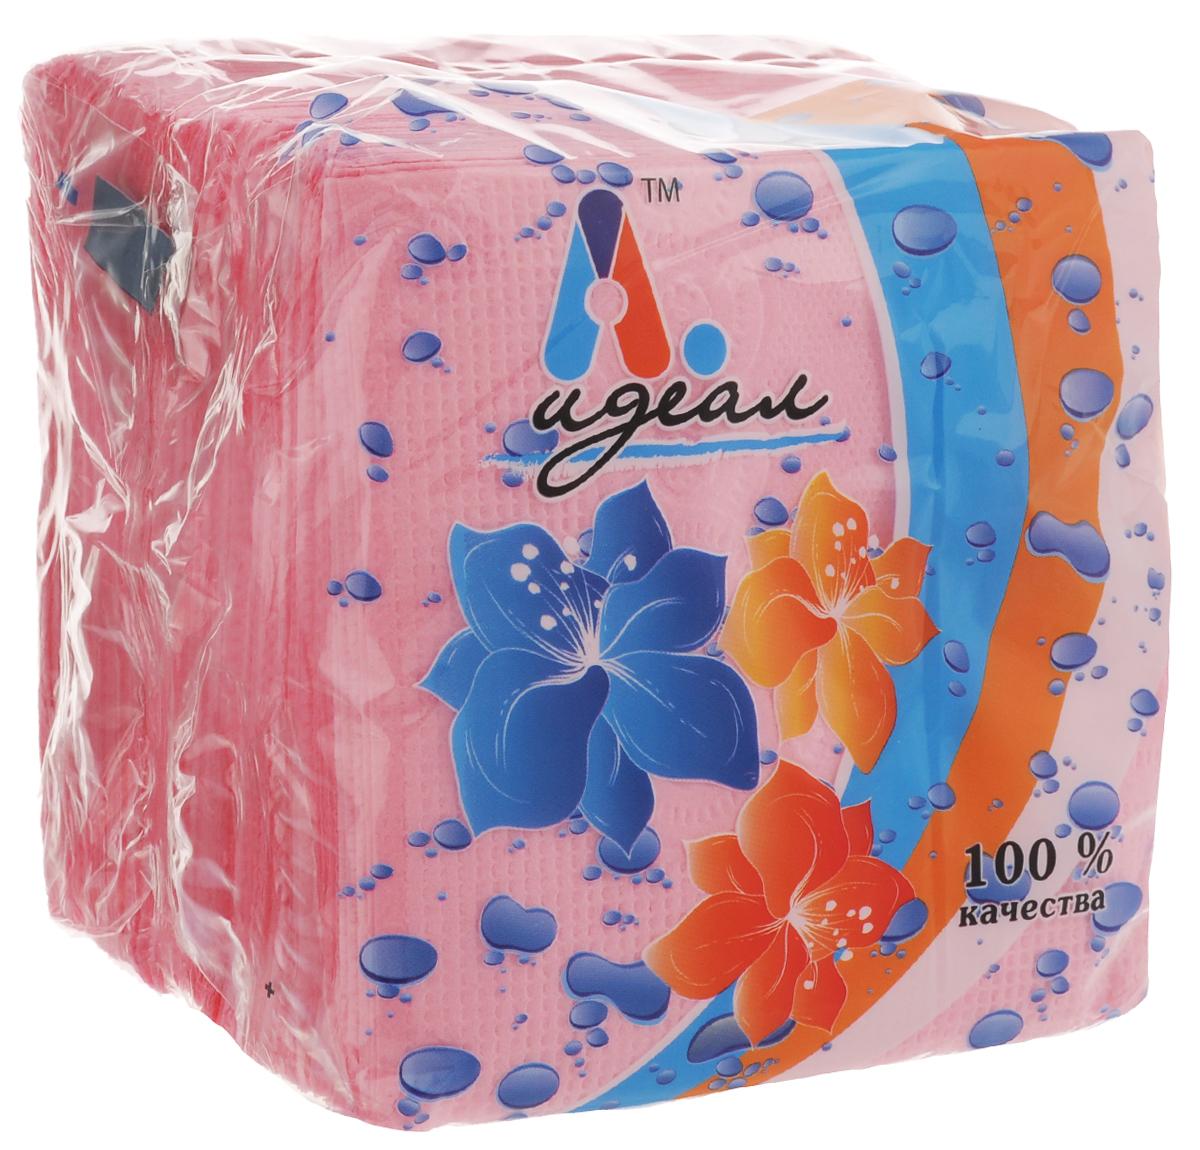 Салфетки бумажные Идеал, цвет: розовый, 85 штСЛФ04782Бумажные салфетки Идеал выполнены из 100% целлюлозы. Салфетки подходят для косметического, санитарно-гигиенического и хозяйственного назначения. Нежные и мягкие. Салфетки украшены узором. Комплектация: 85 +/- 5 шт. Размер салфетки: 24 х 24 см.